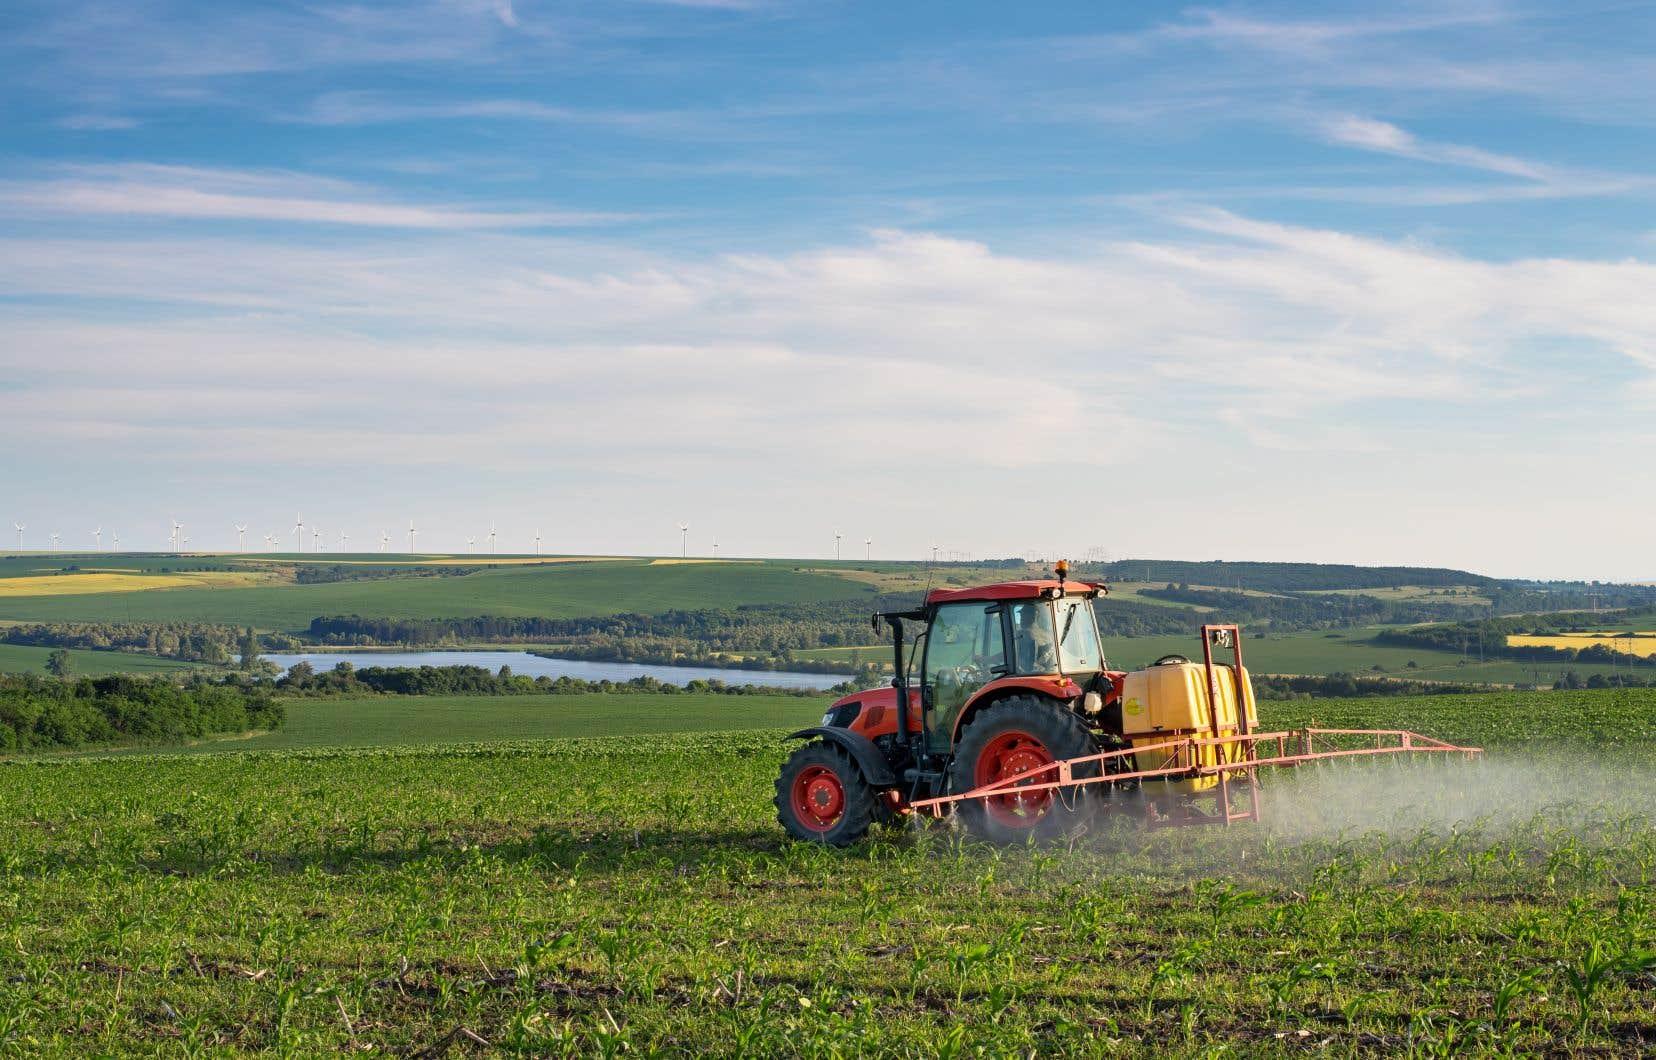 La commission parlementaire, qui se déroulera jusqu'au 26septembre, examinera les conséquences des pesticides sur la santé publique et l'environnement.